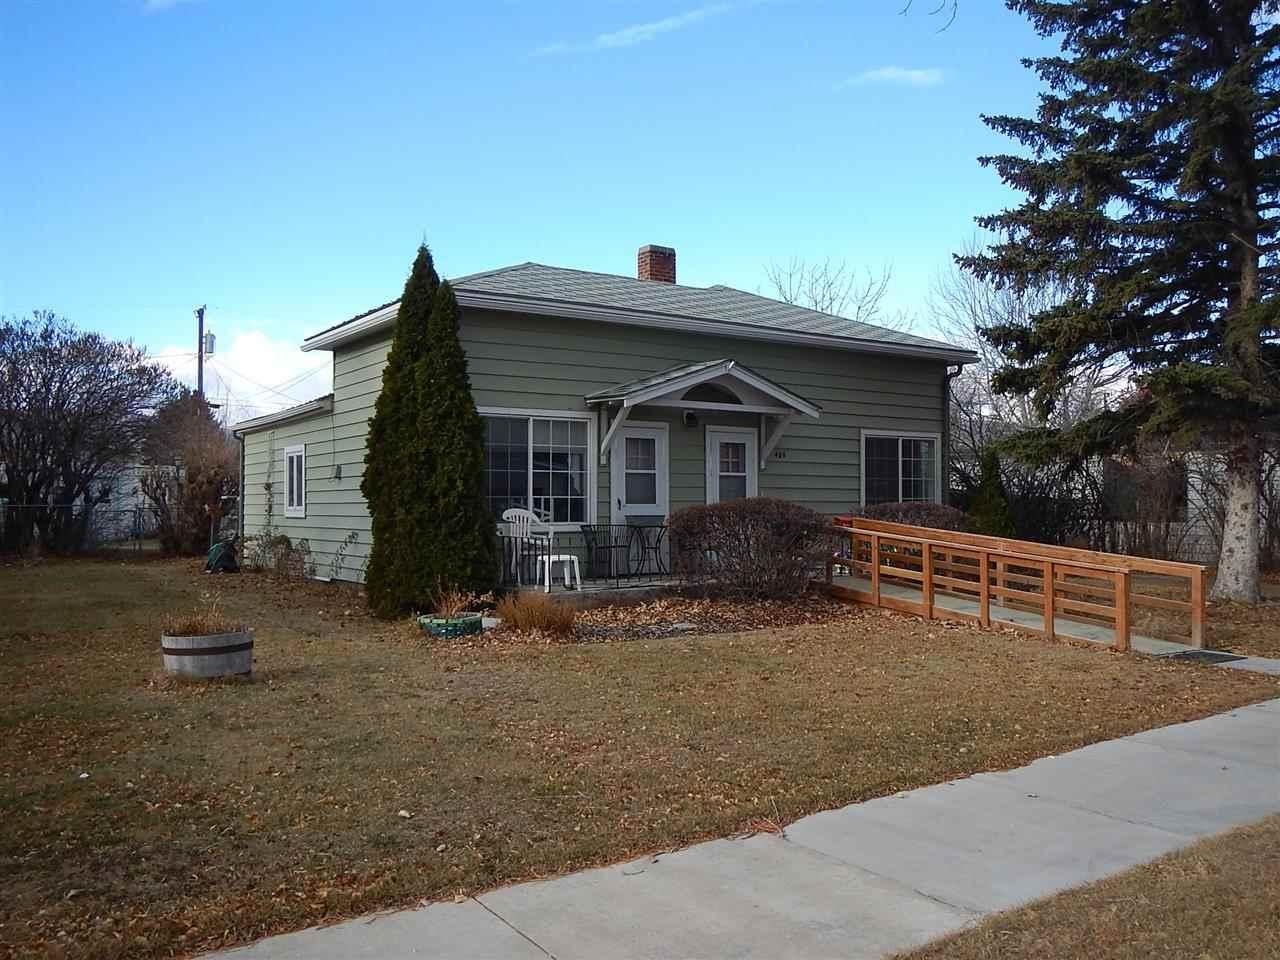 405 N Cedar St, Townsend, MT 59644